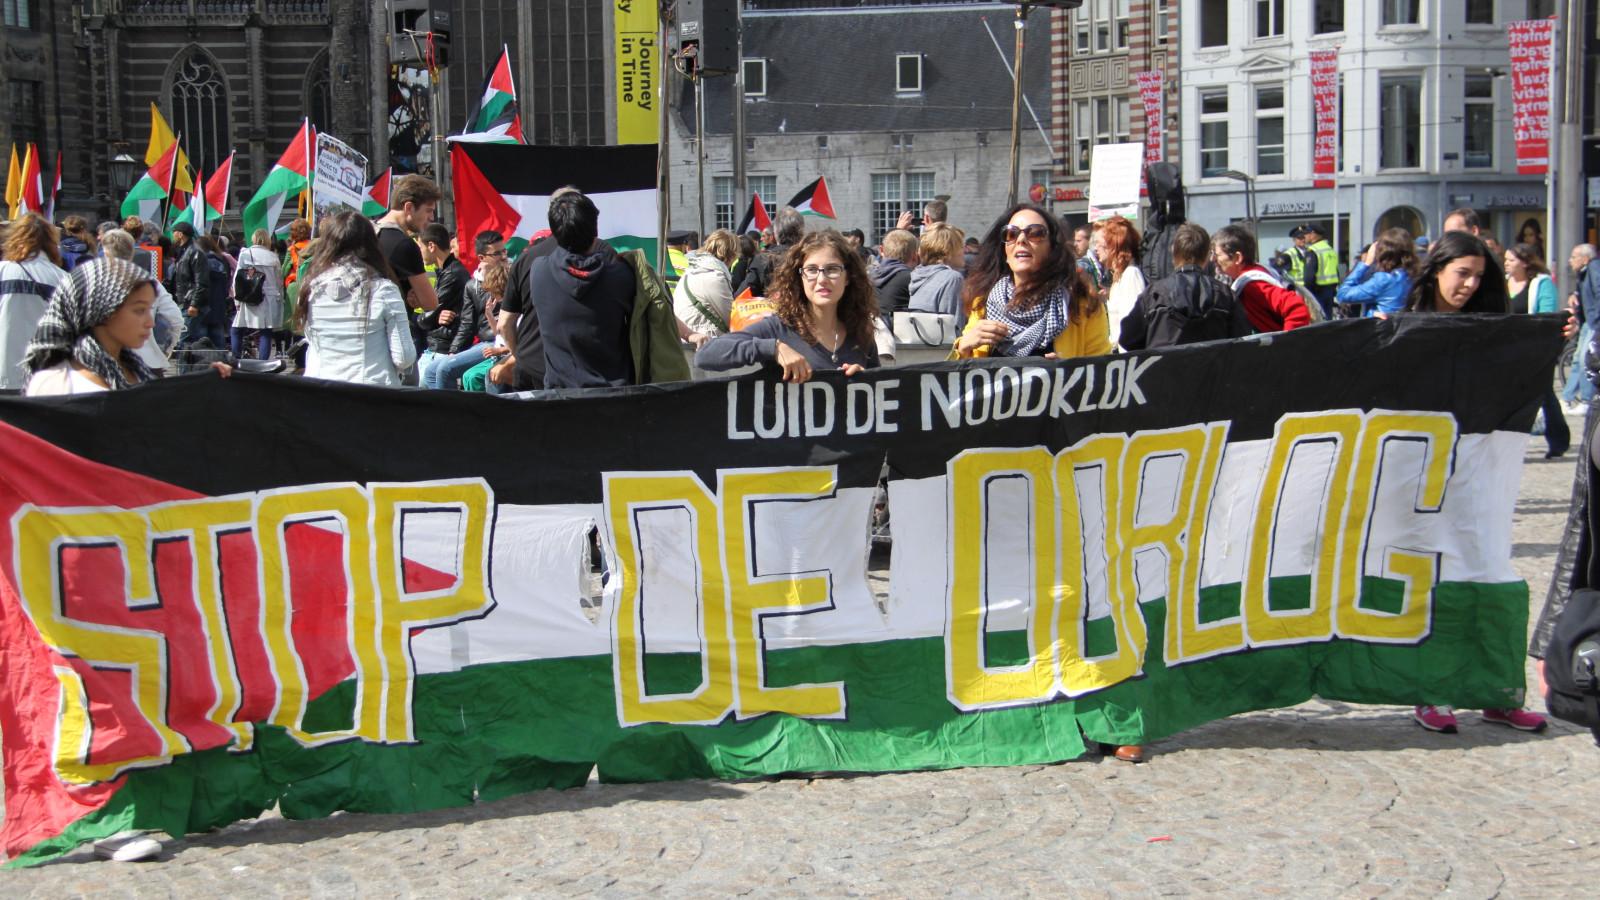 foto jaap/ Pro Palestina-demonstratie op de Dam (archief)